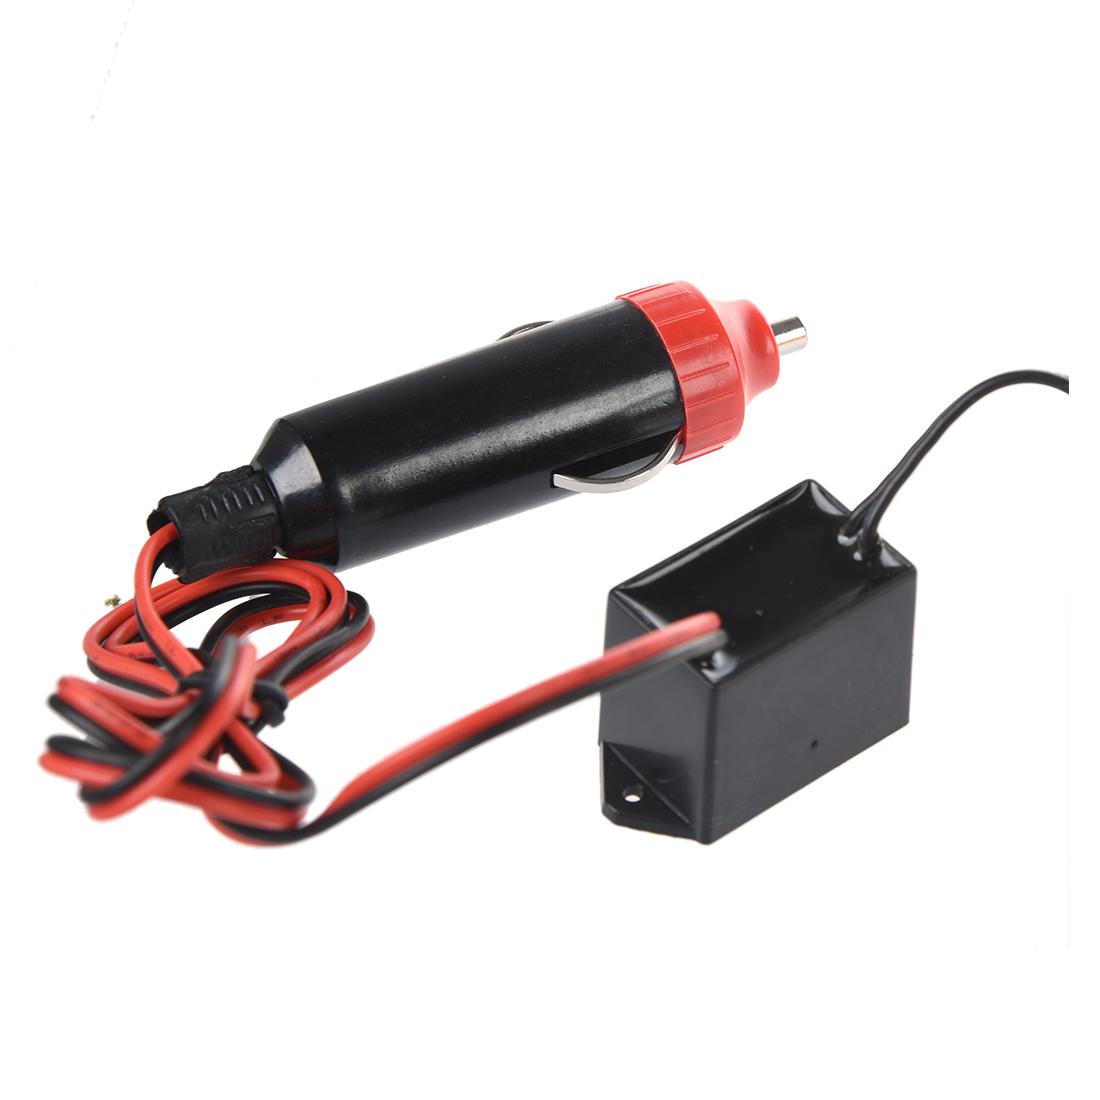 flexible el wire neon led car light party rope tube 12v inverter o7b9. Black Bedroom Furniture Sets. Home Design Ideas